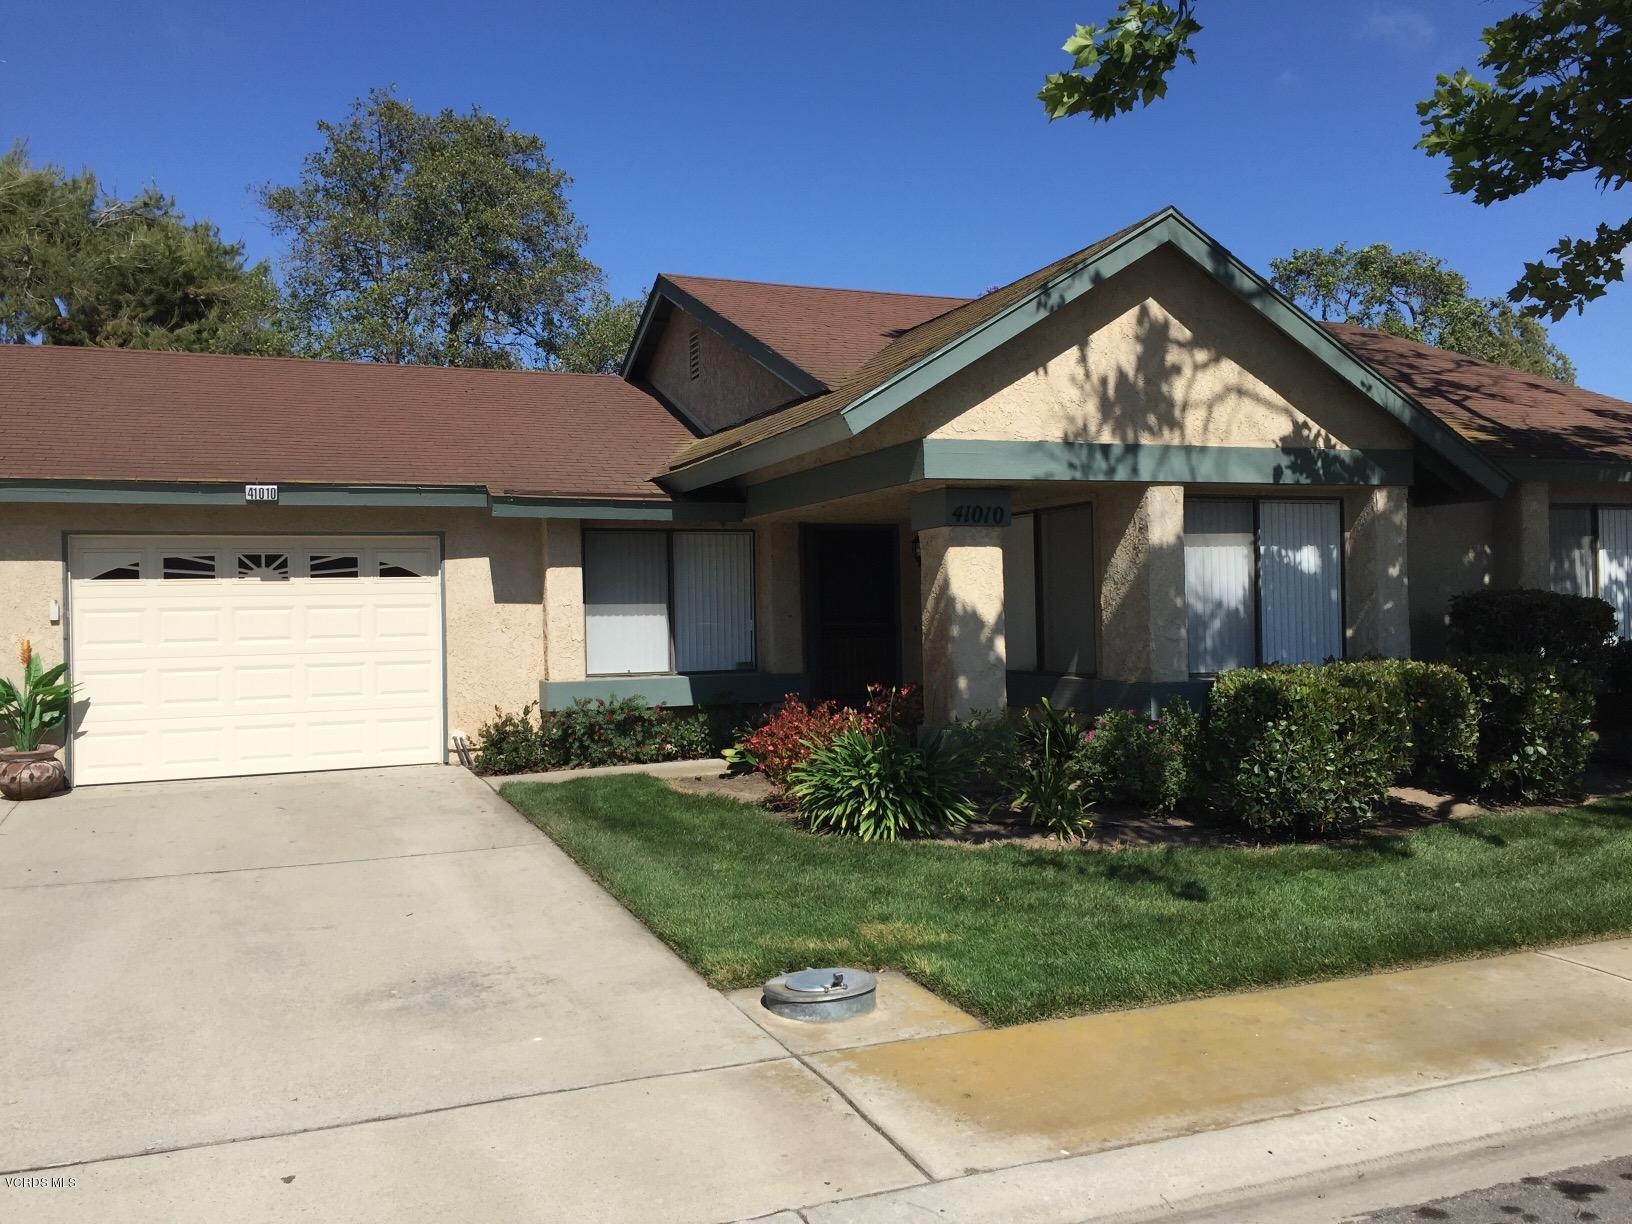 41010 Village 41, Camarillo, CA 93012